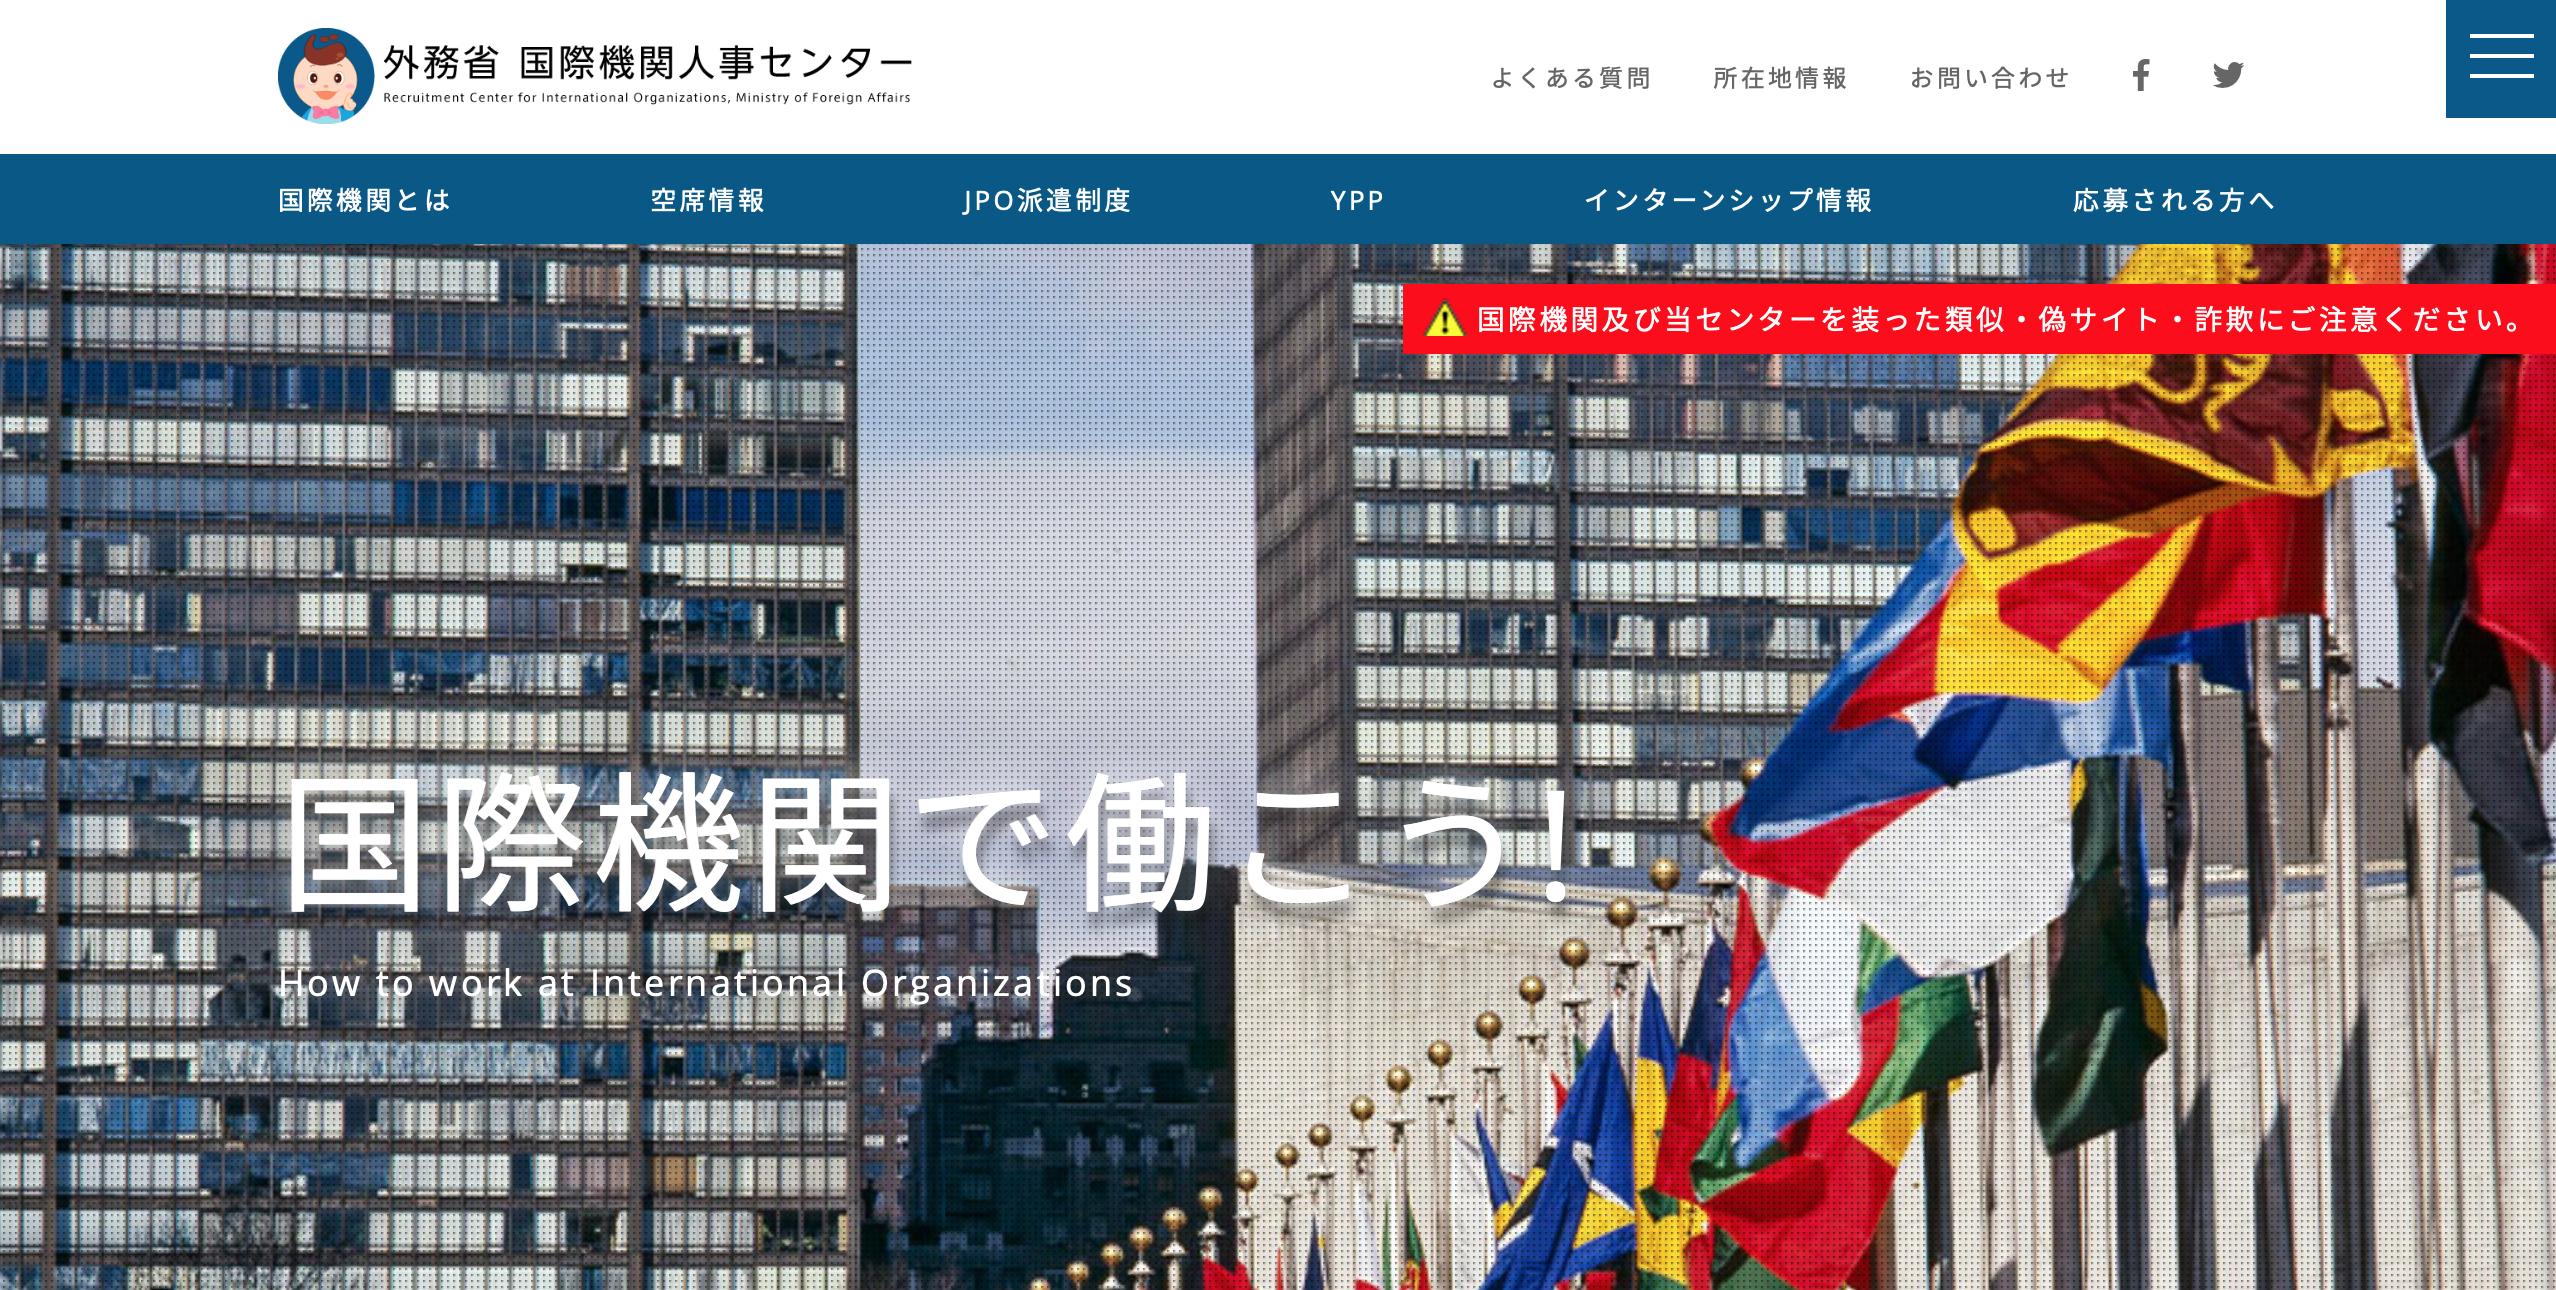 国連職員になりたい方のための情報配信